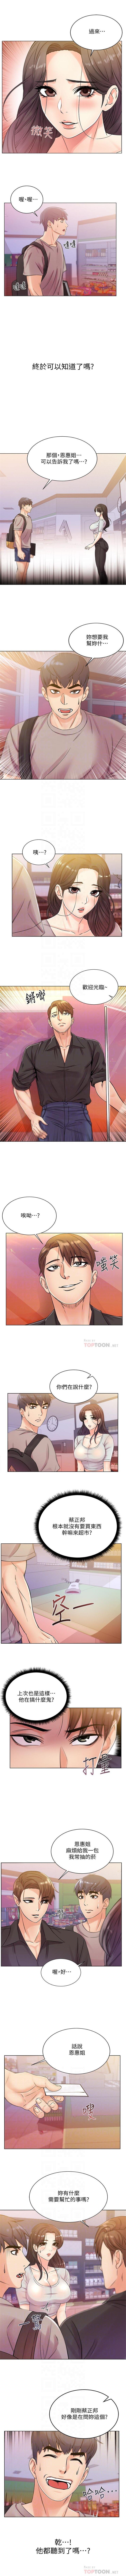 (週3)超市的漂亮姐姐 1-22 中文翻譯(更新中) 112